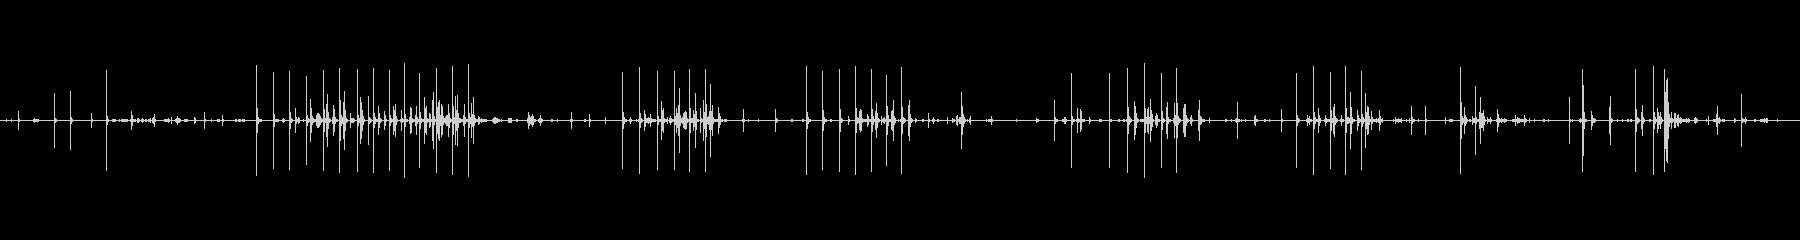 ジャンプロープ、子供、屋内、笑い;...の未再生の波形